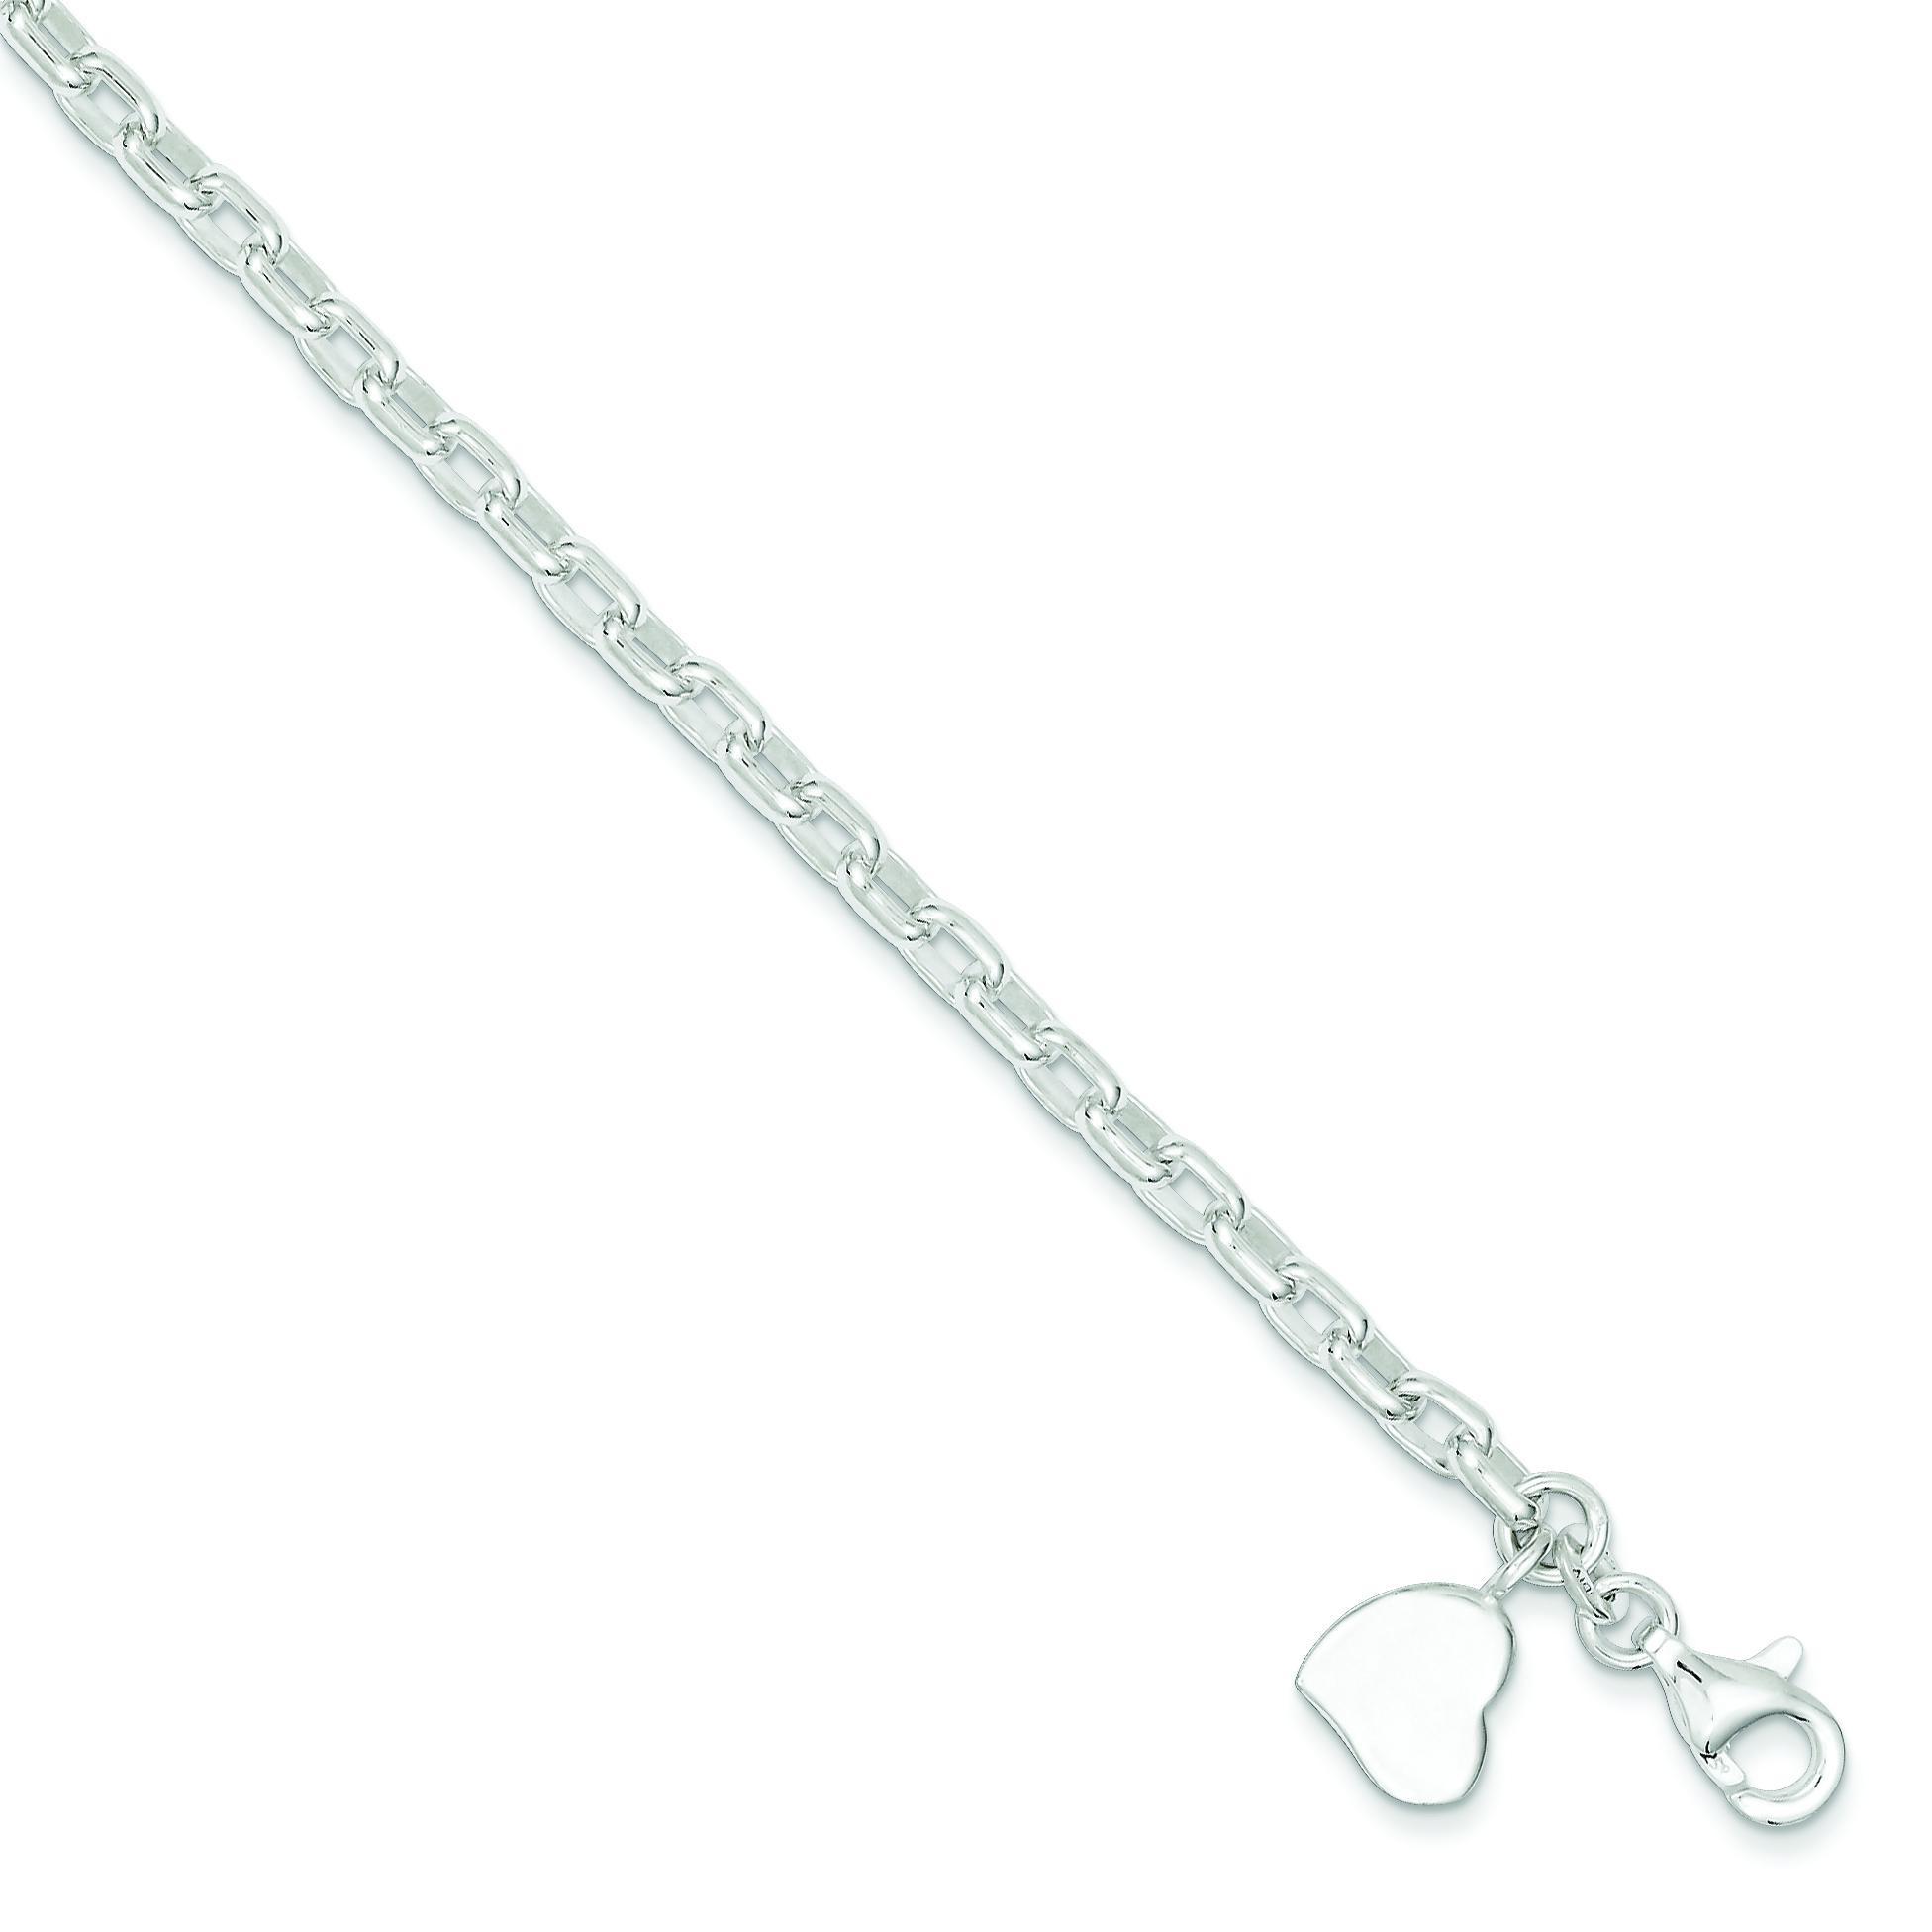 Oval Rolo Solid Heart Bracelet in Sterling Silver